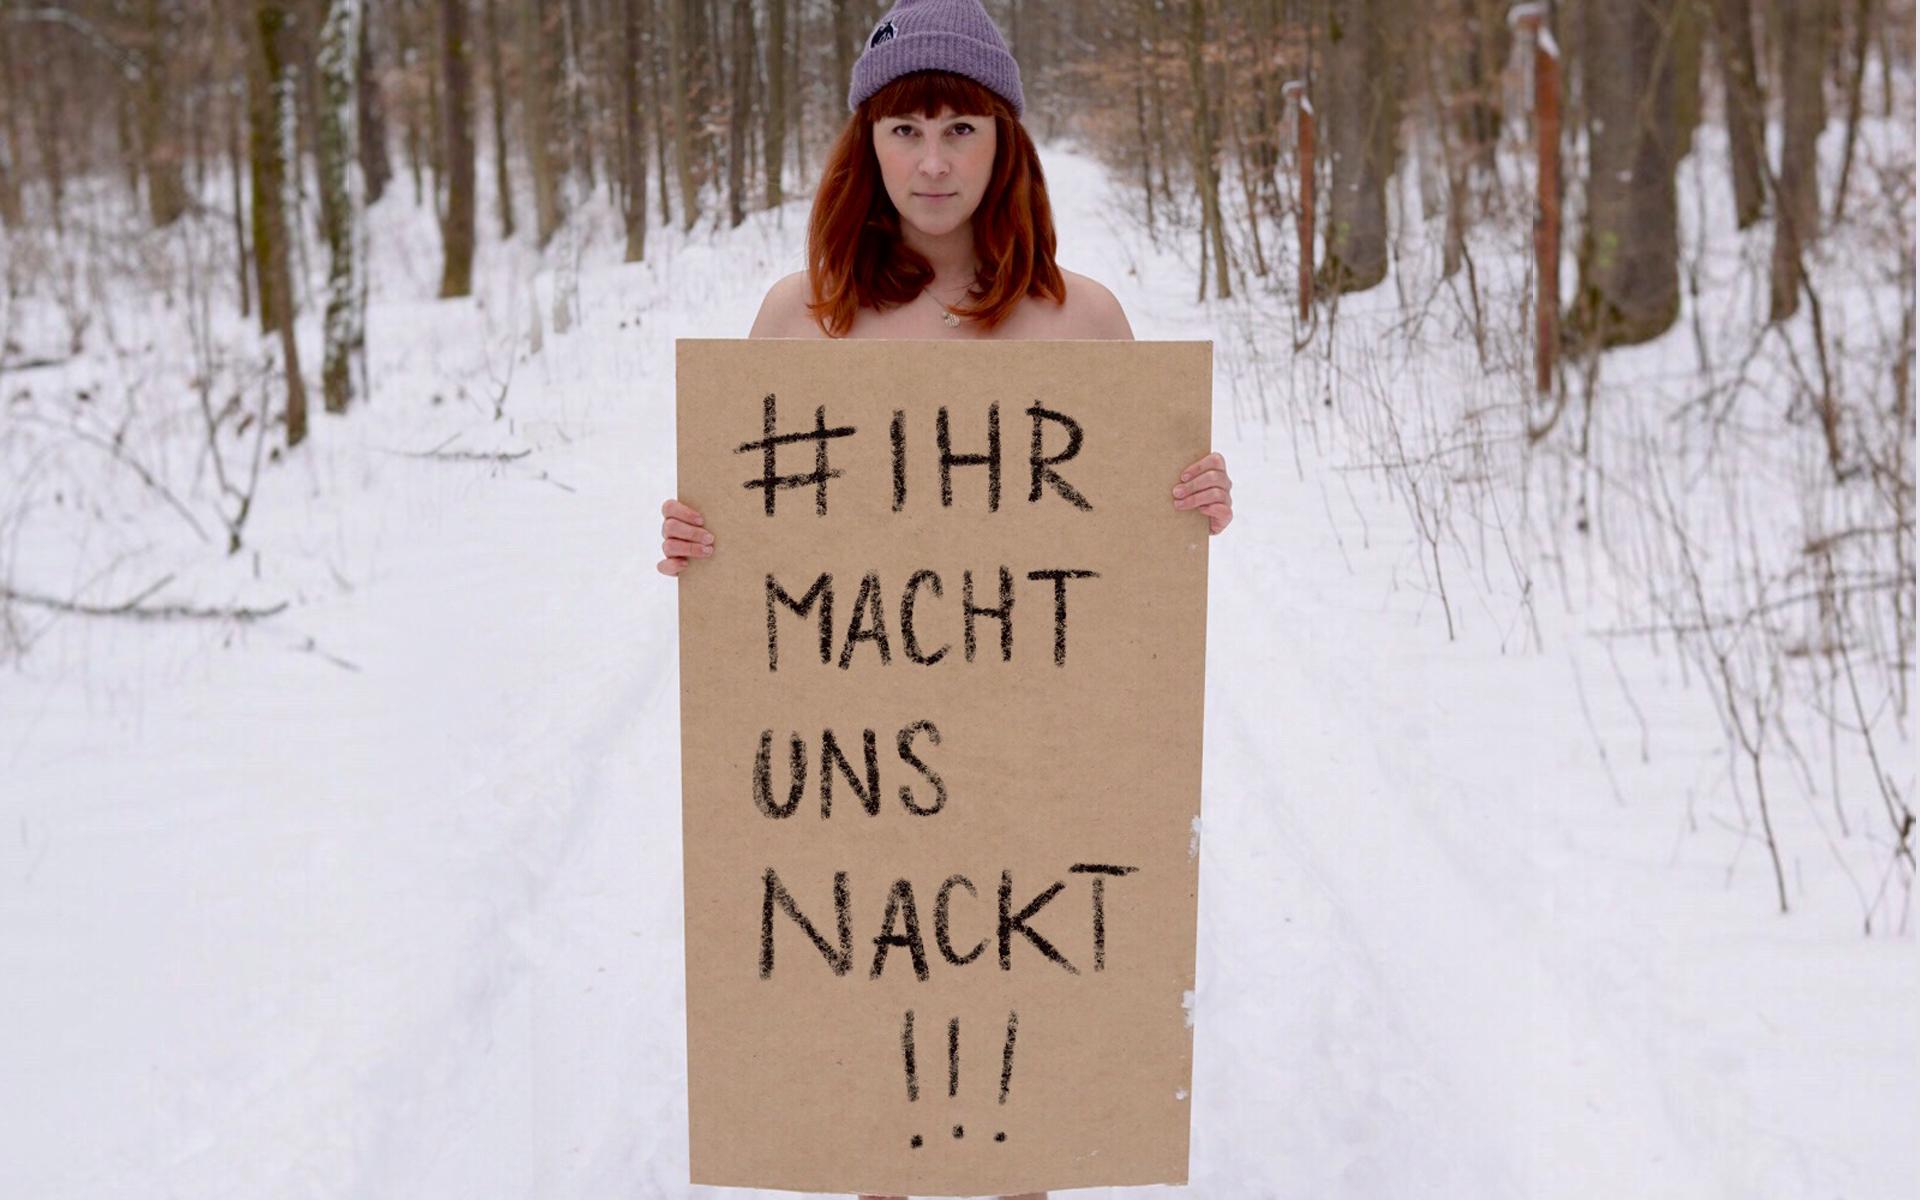 #IHRMACHTUNSNACKT - JANA LUNA TATTOO